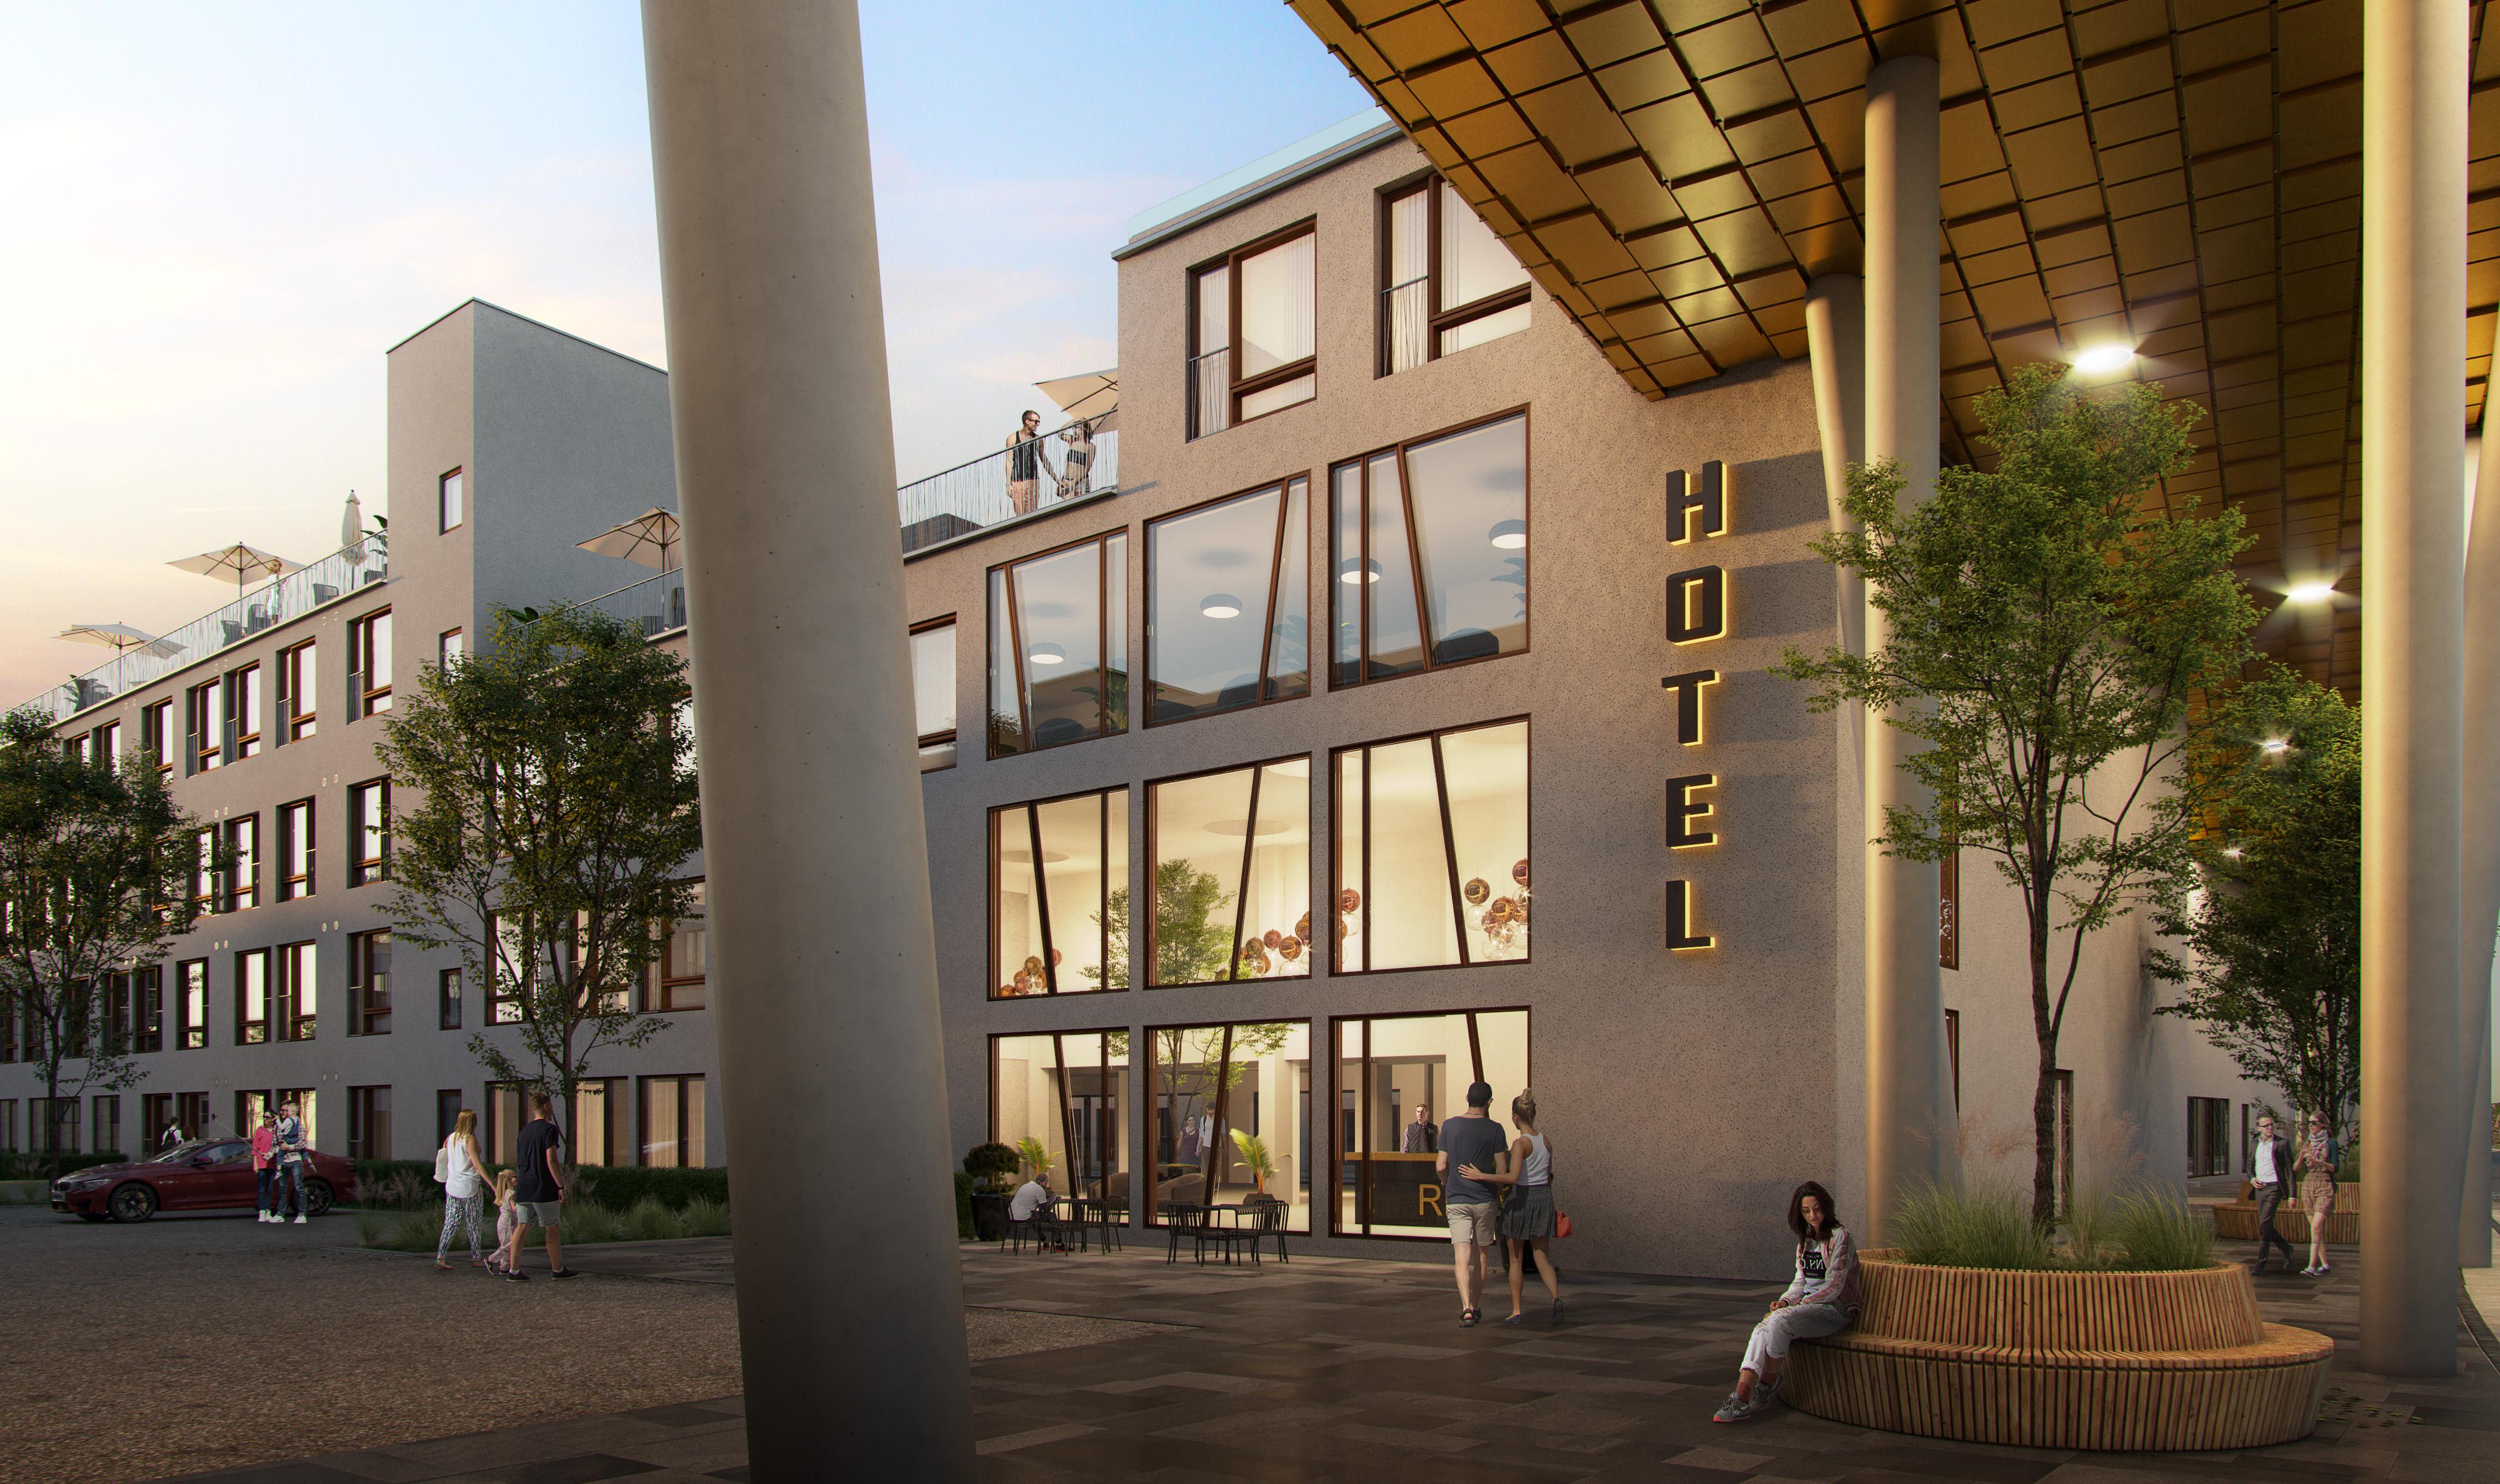 """Indgangen til det kommende """"5-øren Guldsmeden Hotel"""" ved Københavns Lufthavn. Bygherren er Gefion Group, mens Guldsmeden Hotels bliver operatør af hotellet. Illustration for Gefion Group: AI Arkitekter & Ingeniører."""